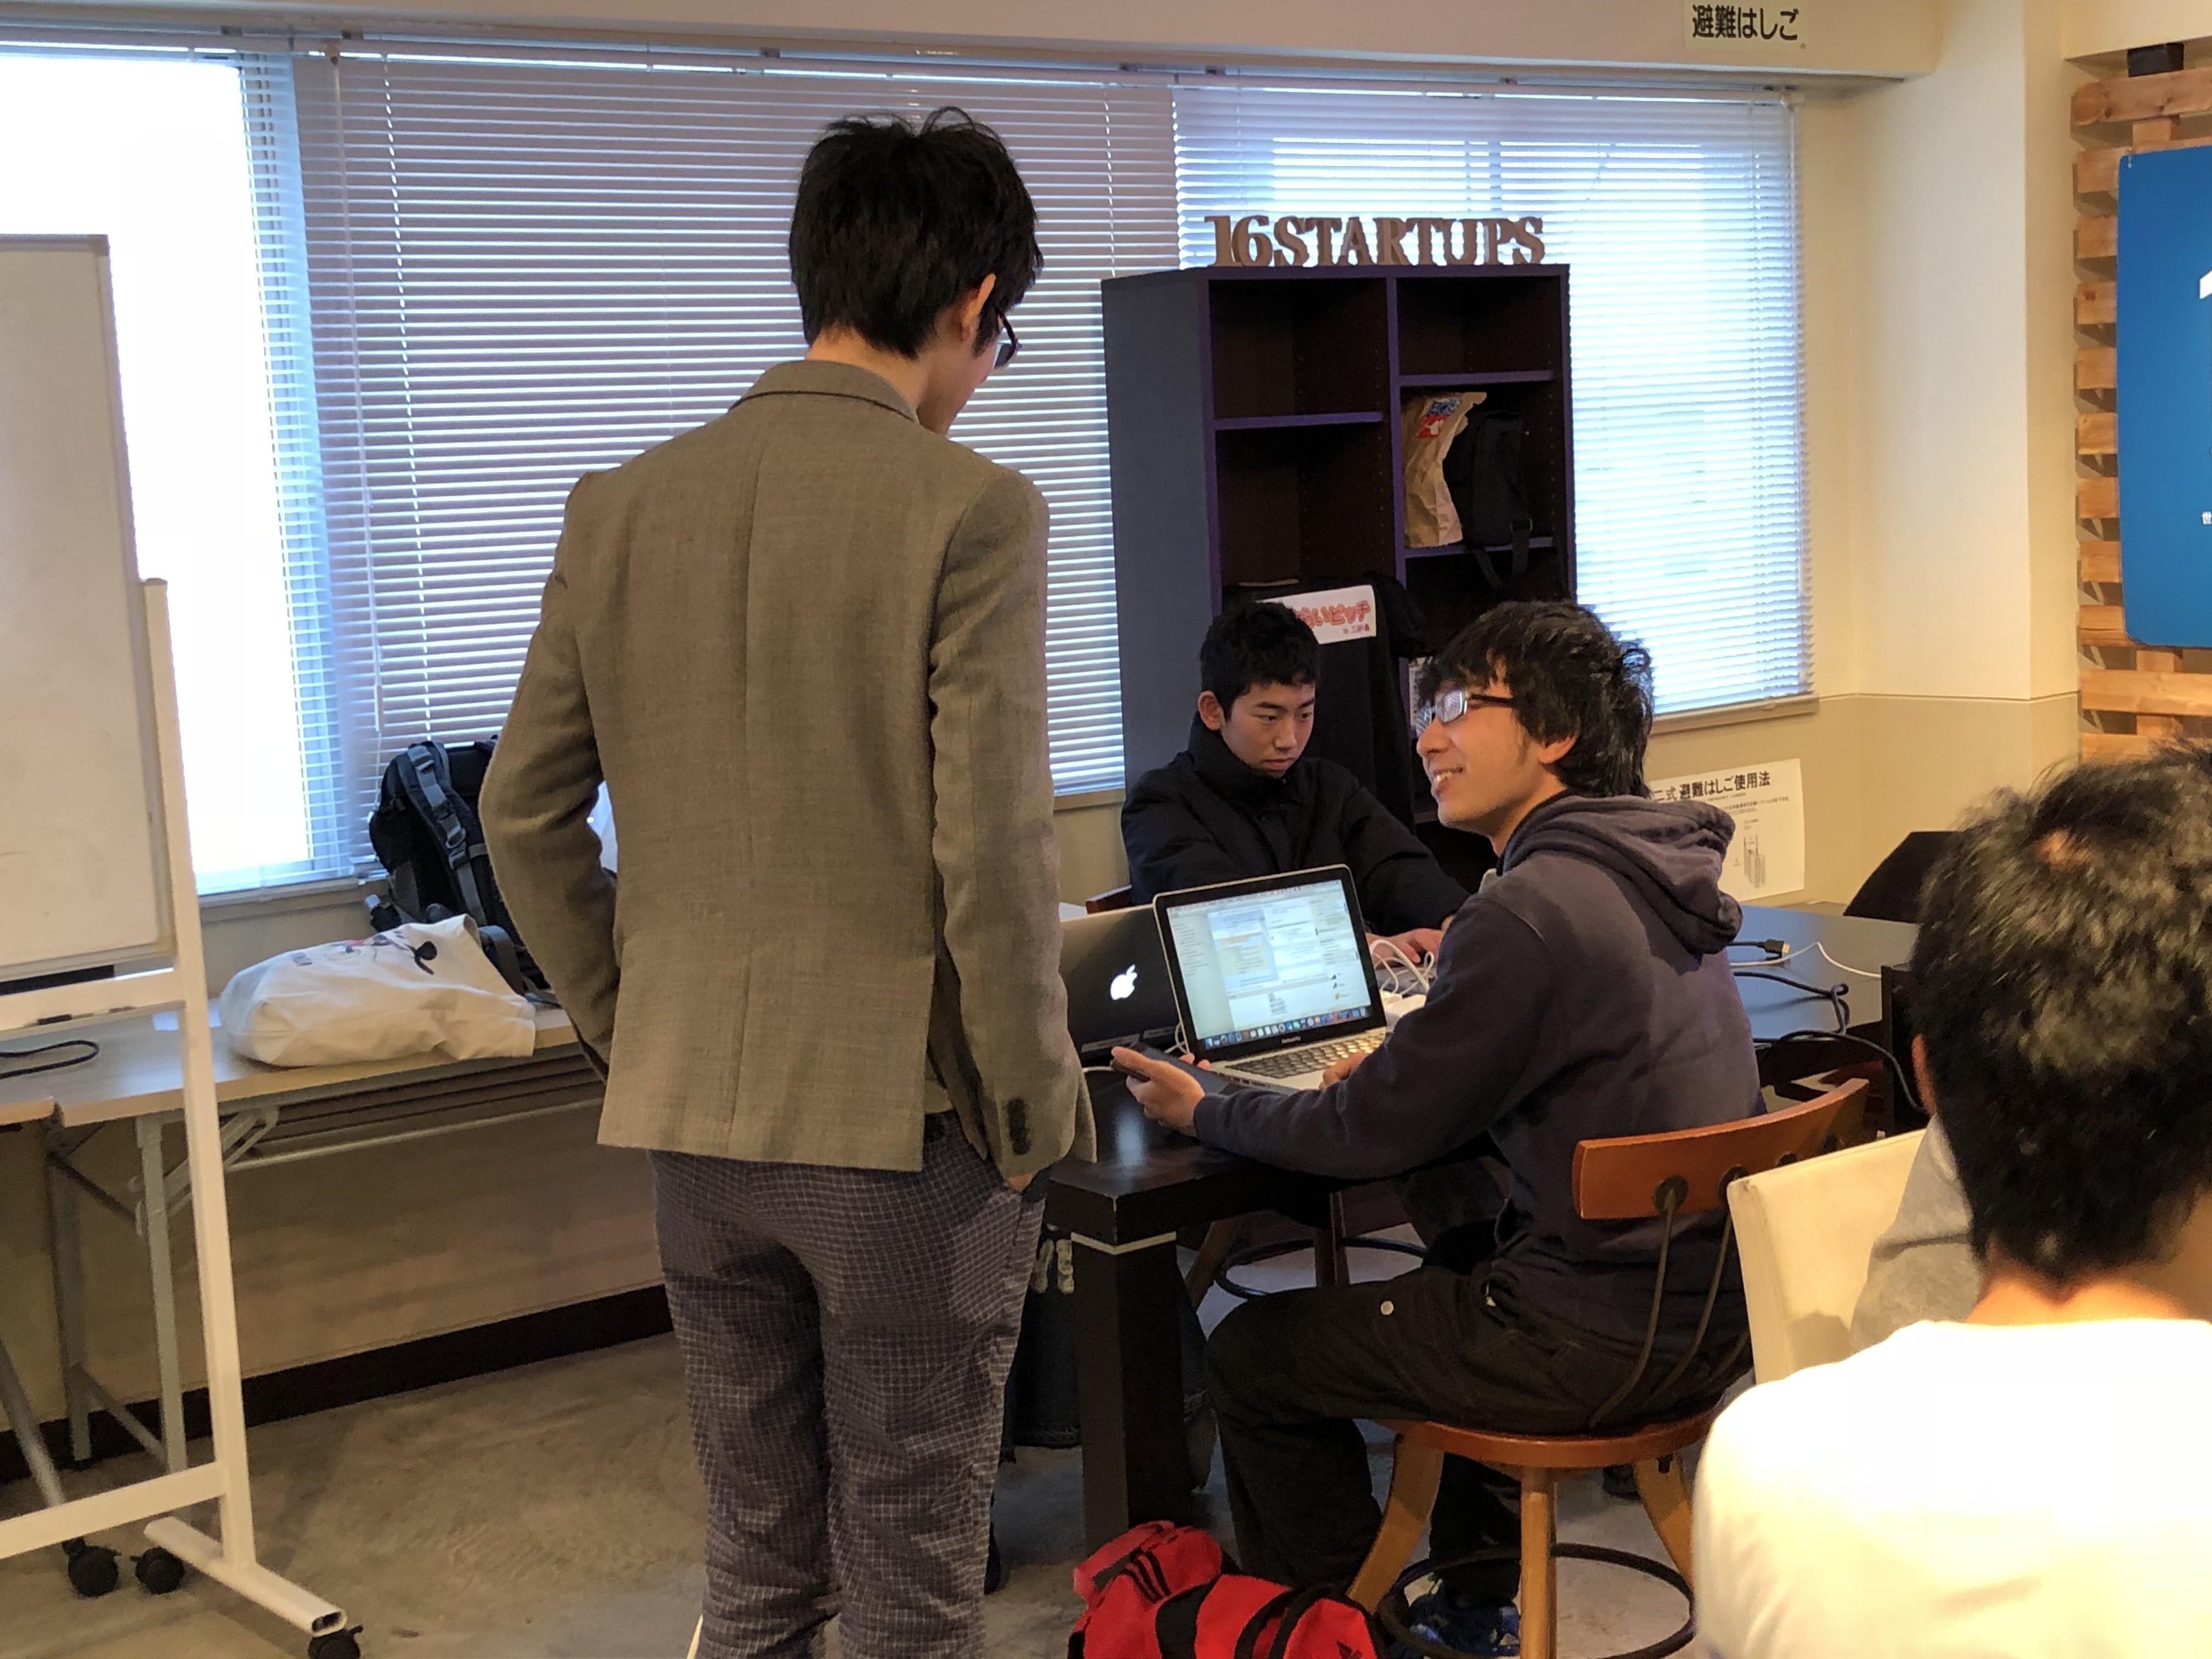 ヨコスカプログラミングスクールDAY4を開講しました。